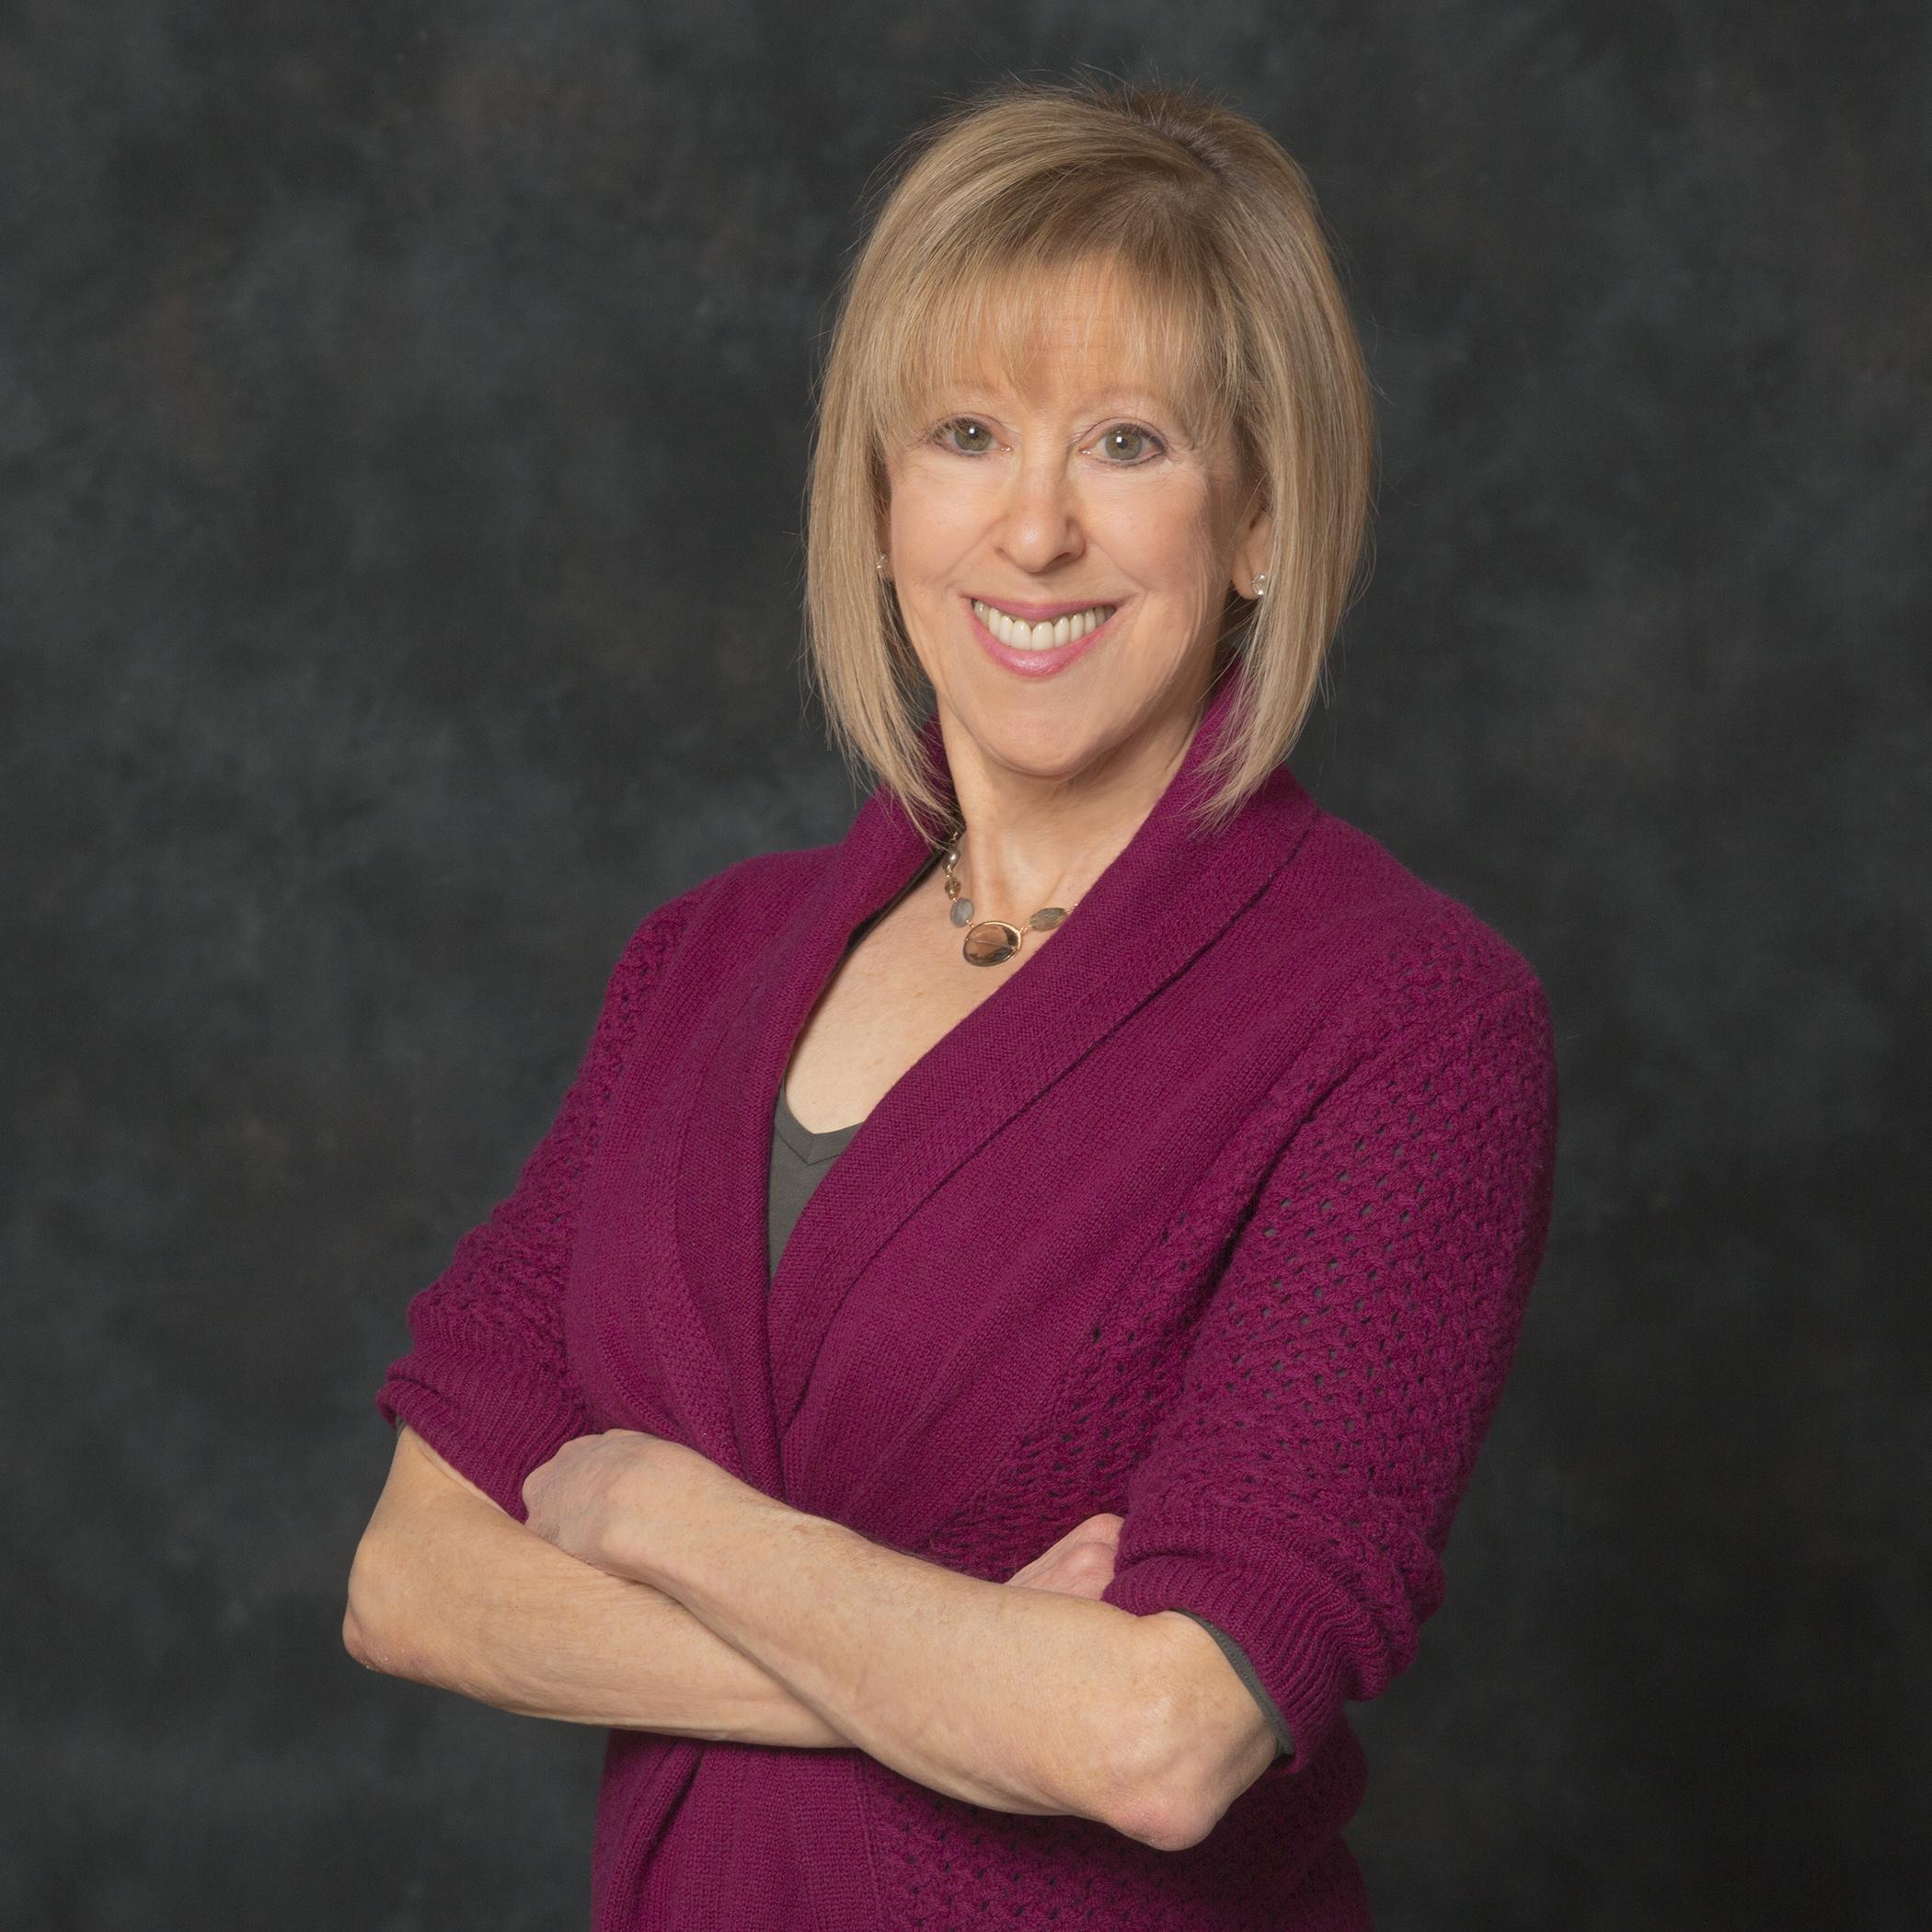 Dr. Sandra Scheinbaum